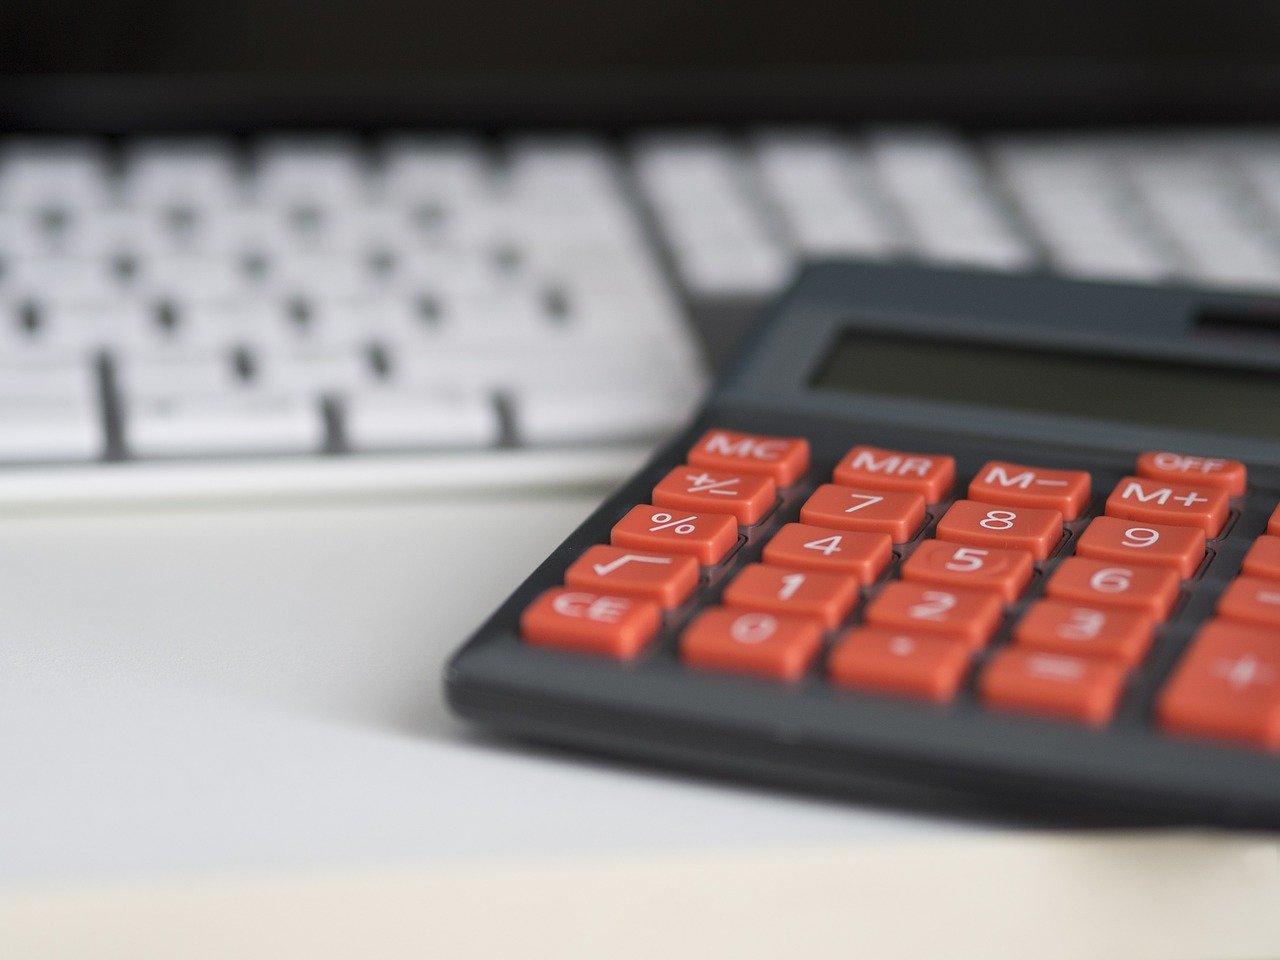 台中借錢管道|台中民間借錢、台中融資借錢就找閃兌機車貸,1~15萬、當日撥款、利率0.8%起